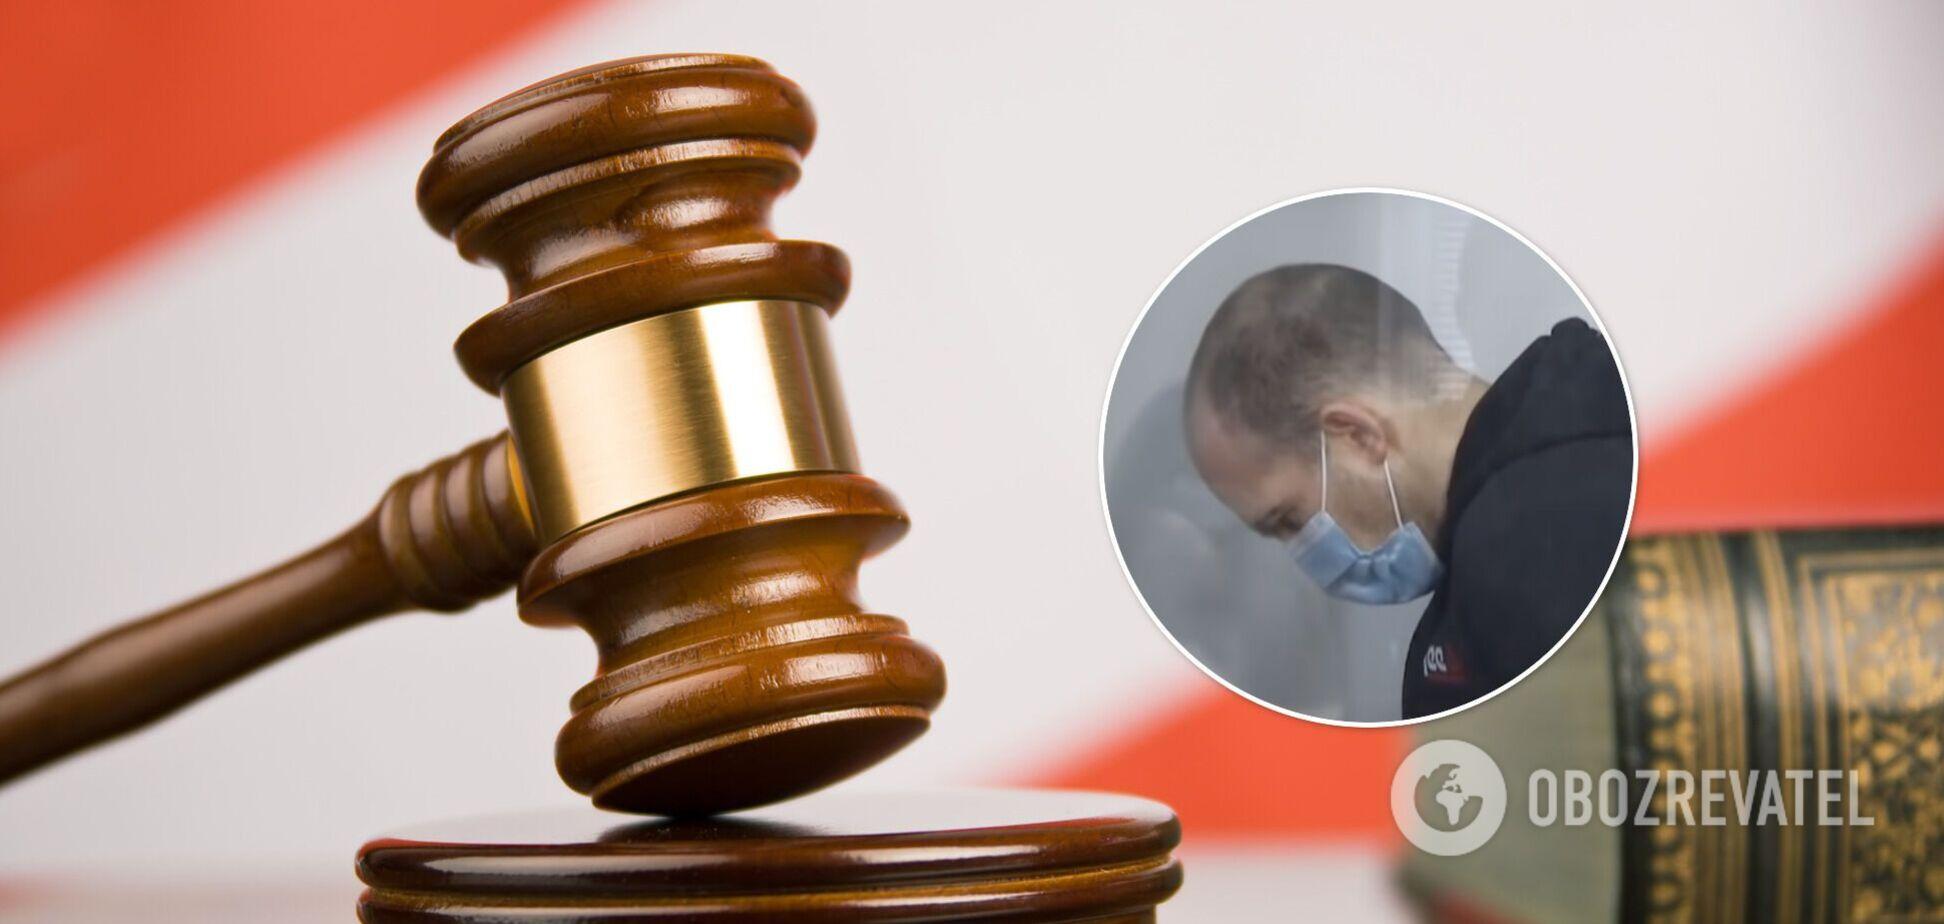 У Вінниці внесли вирок убивці, який забив молотком матір, дружину і дітей через коханку